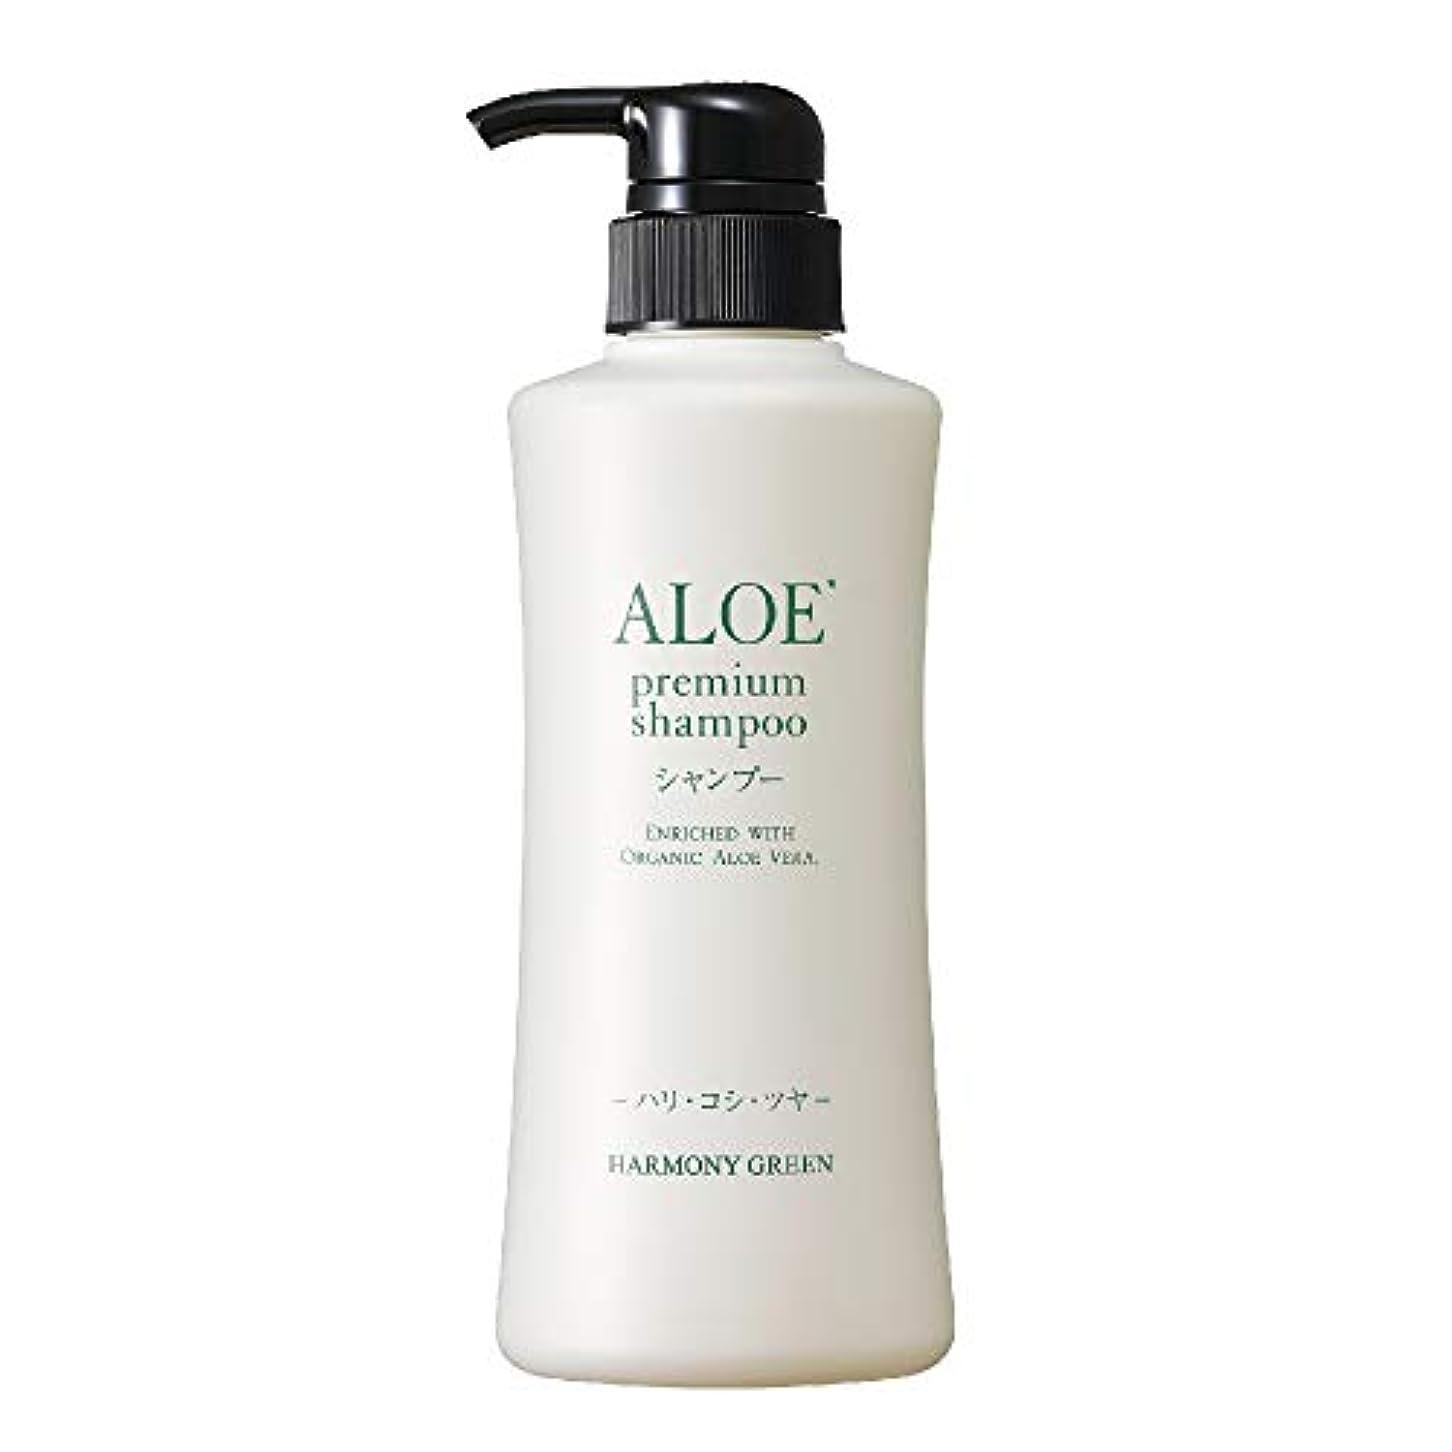 石鹸テンポ実験的アロエプレミアム シャンプー〈頭髪用洗浄料〉